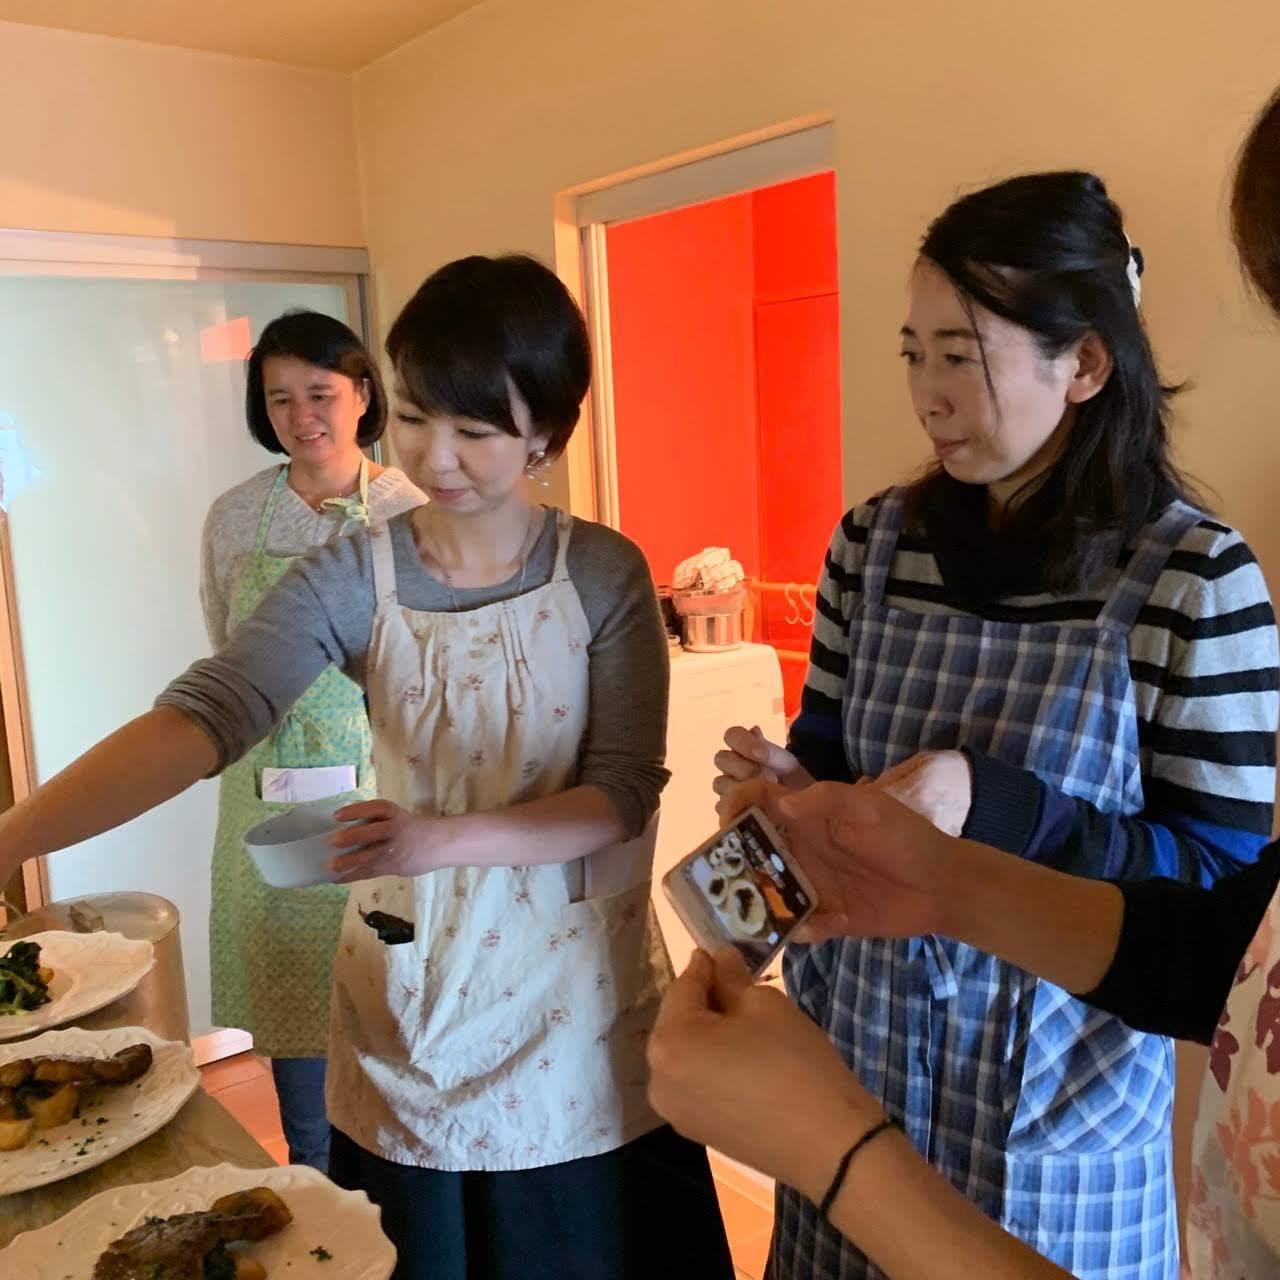 レストラン流、美味しいステーキの焼き方を習いました【サン・ファソン 本多シェフに習うフレンチ】_b0345136_20353554.jpg